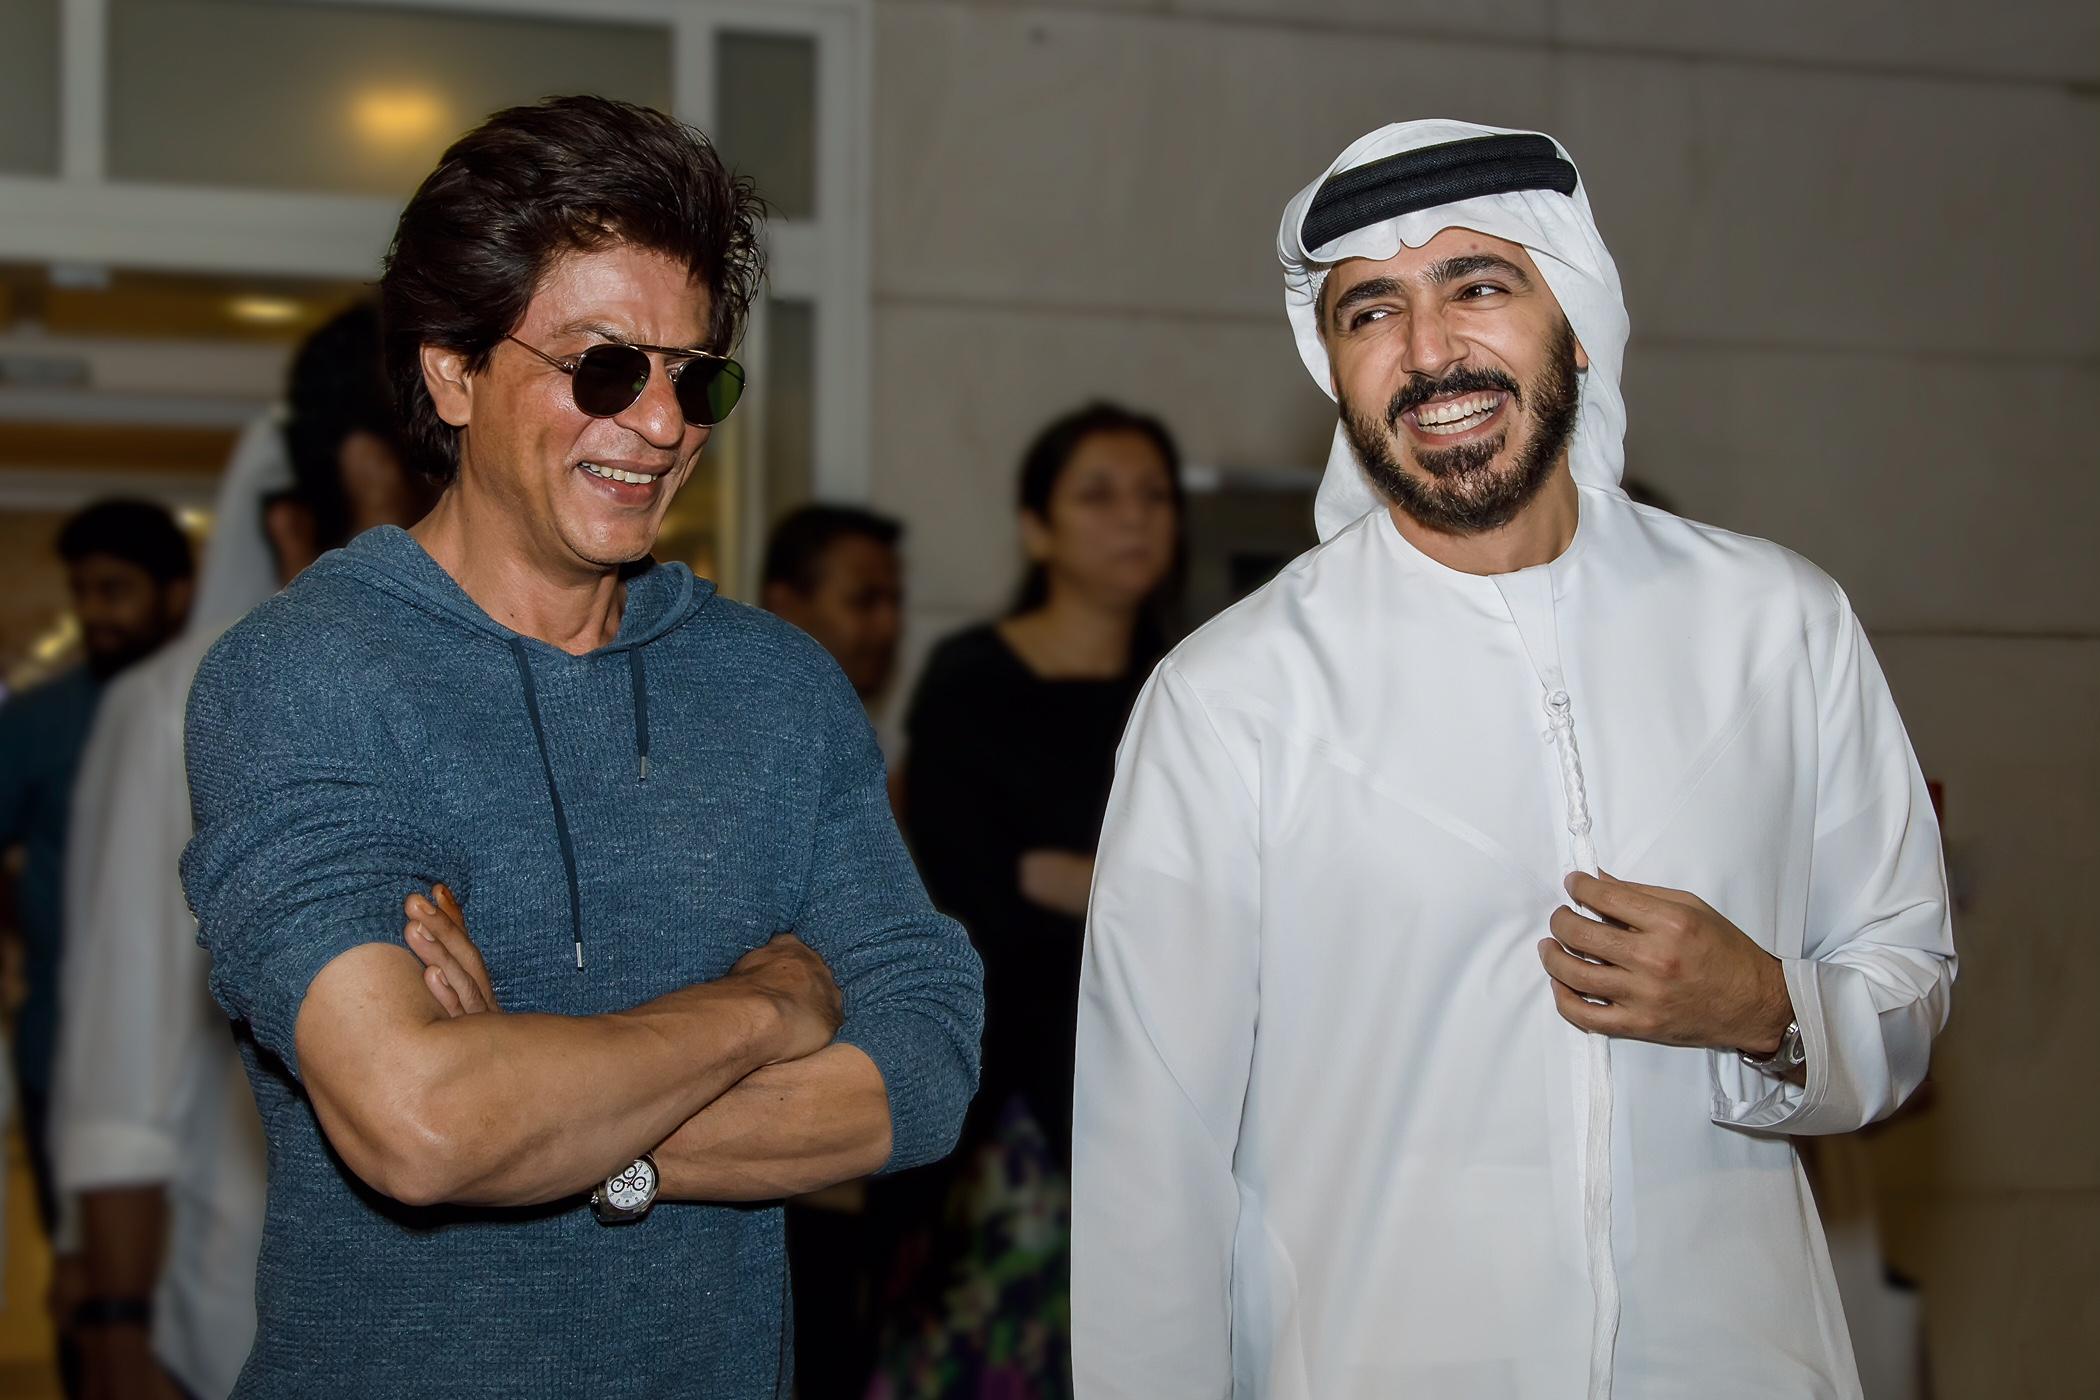 شاروخان يعود إلى دبي لتصوير الجزء الثاني من الفيلم الترويجيكن ضيفي